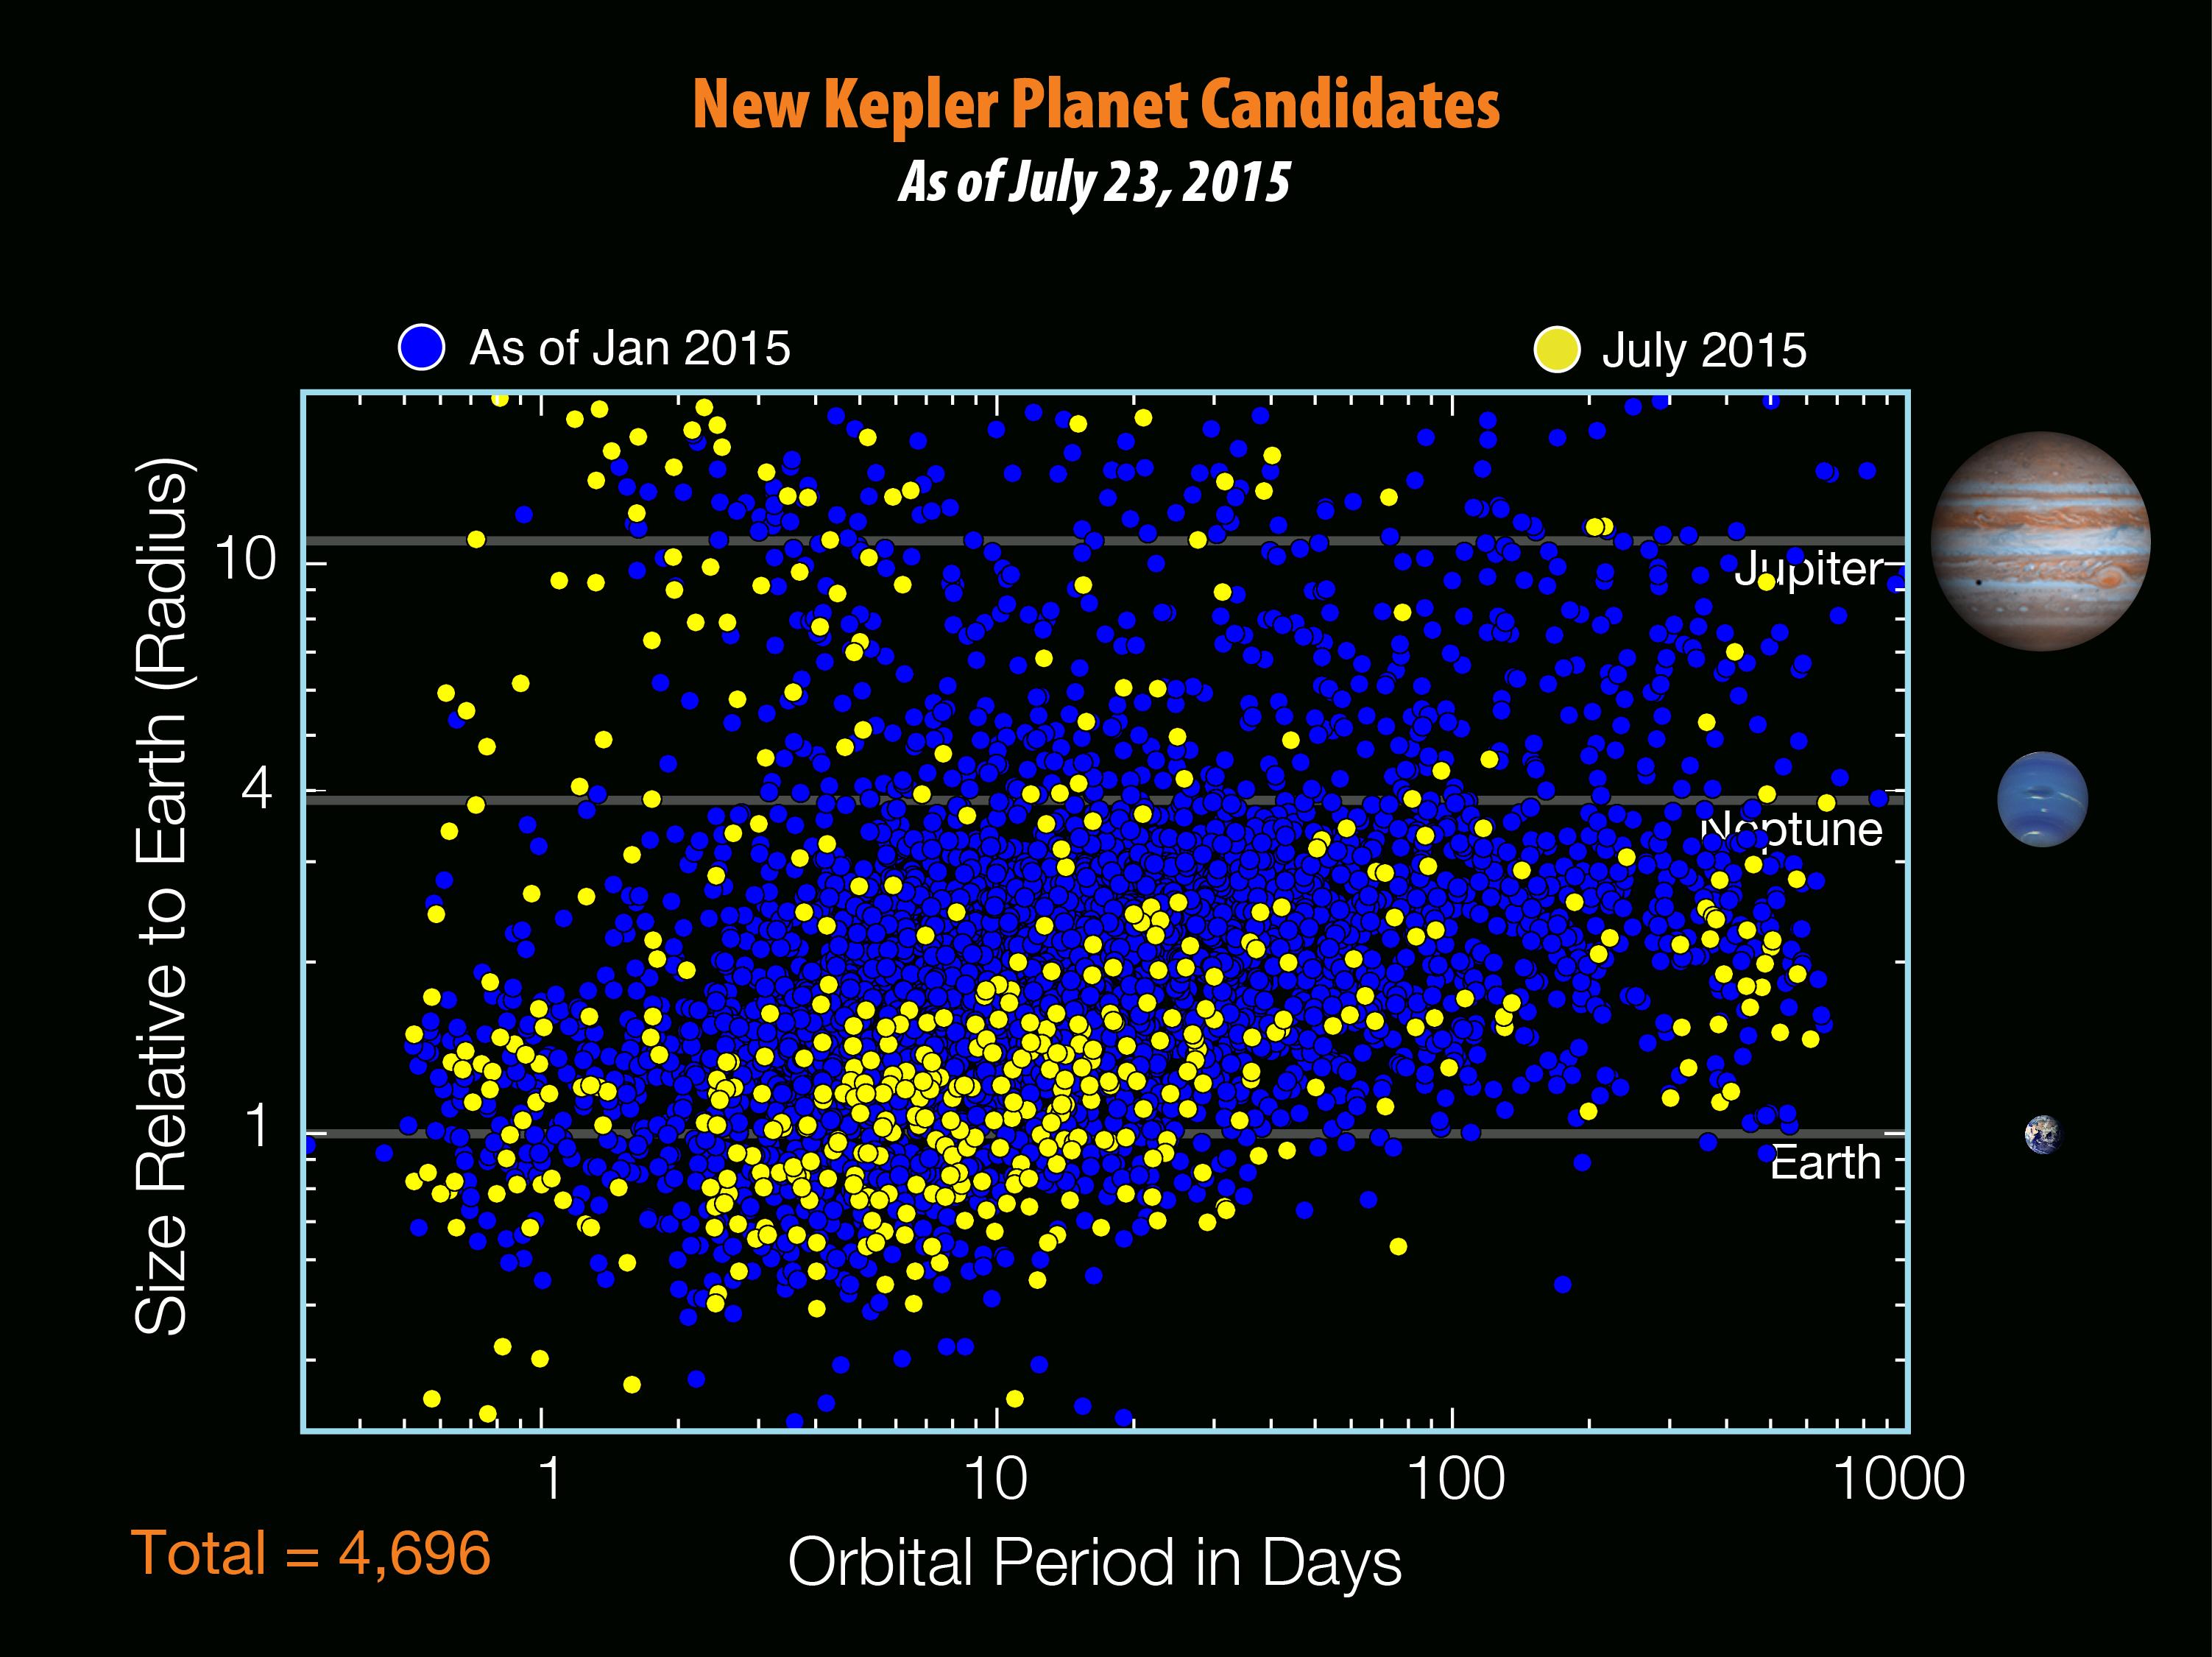 克卜勒太空望遠鏡搜索太陽系外行星的「戰功」